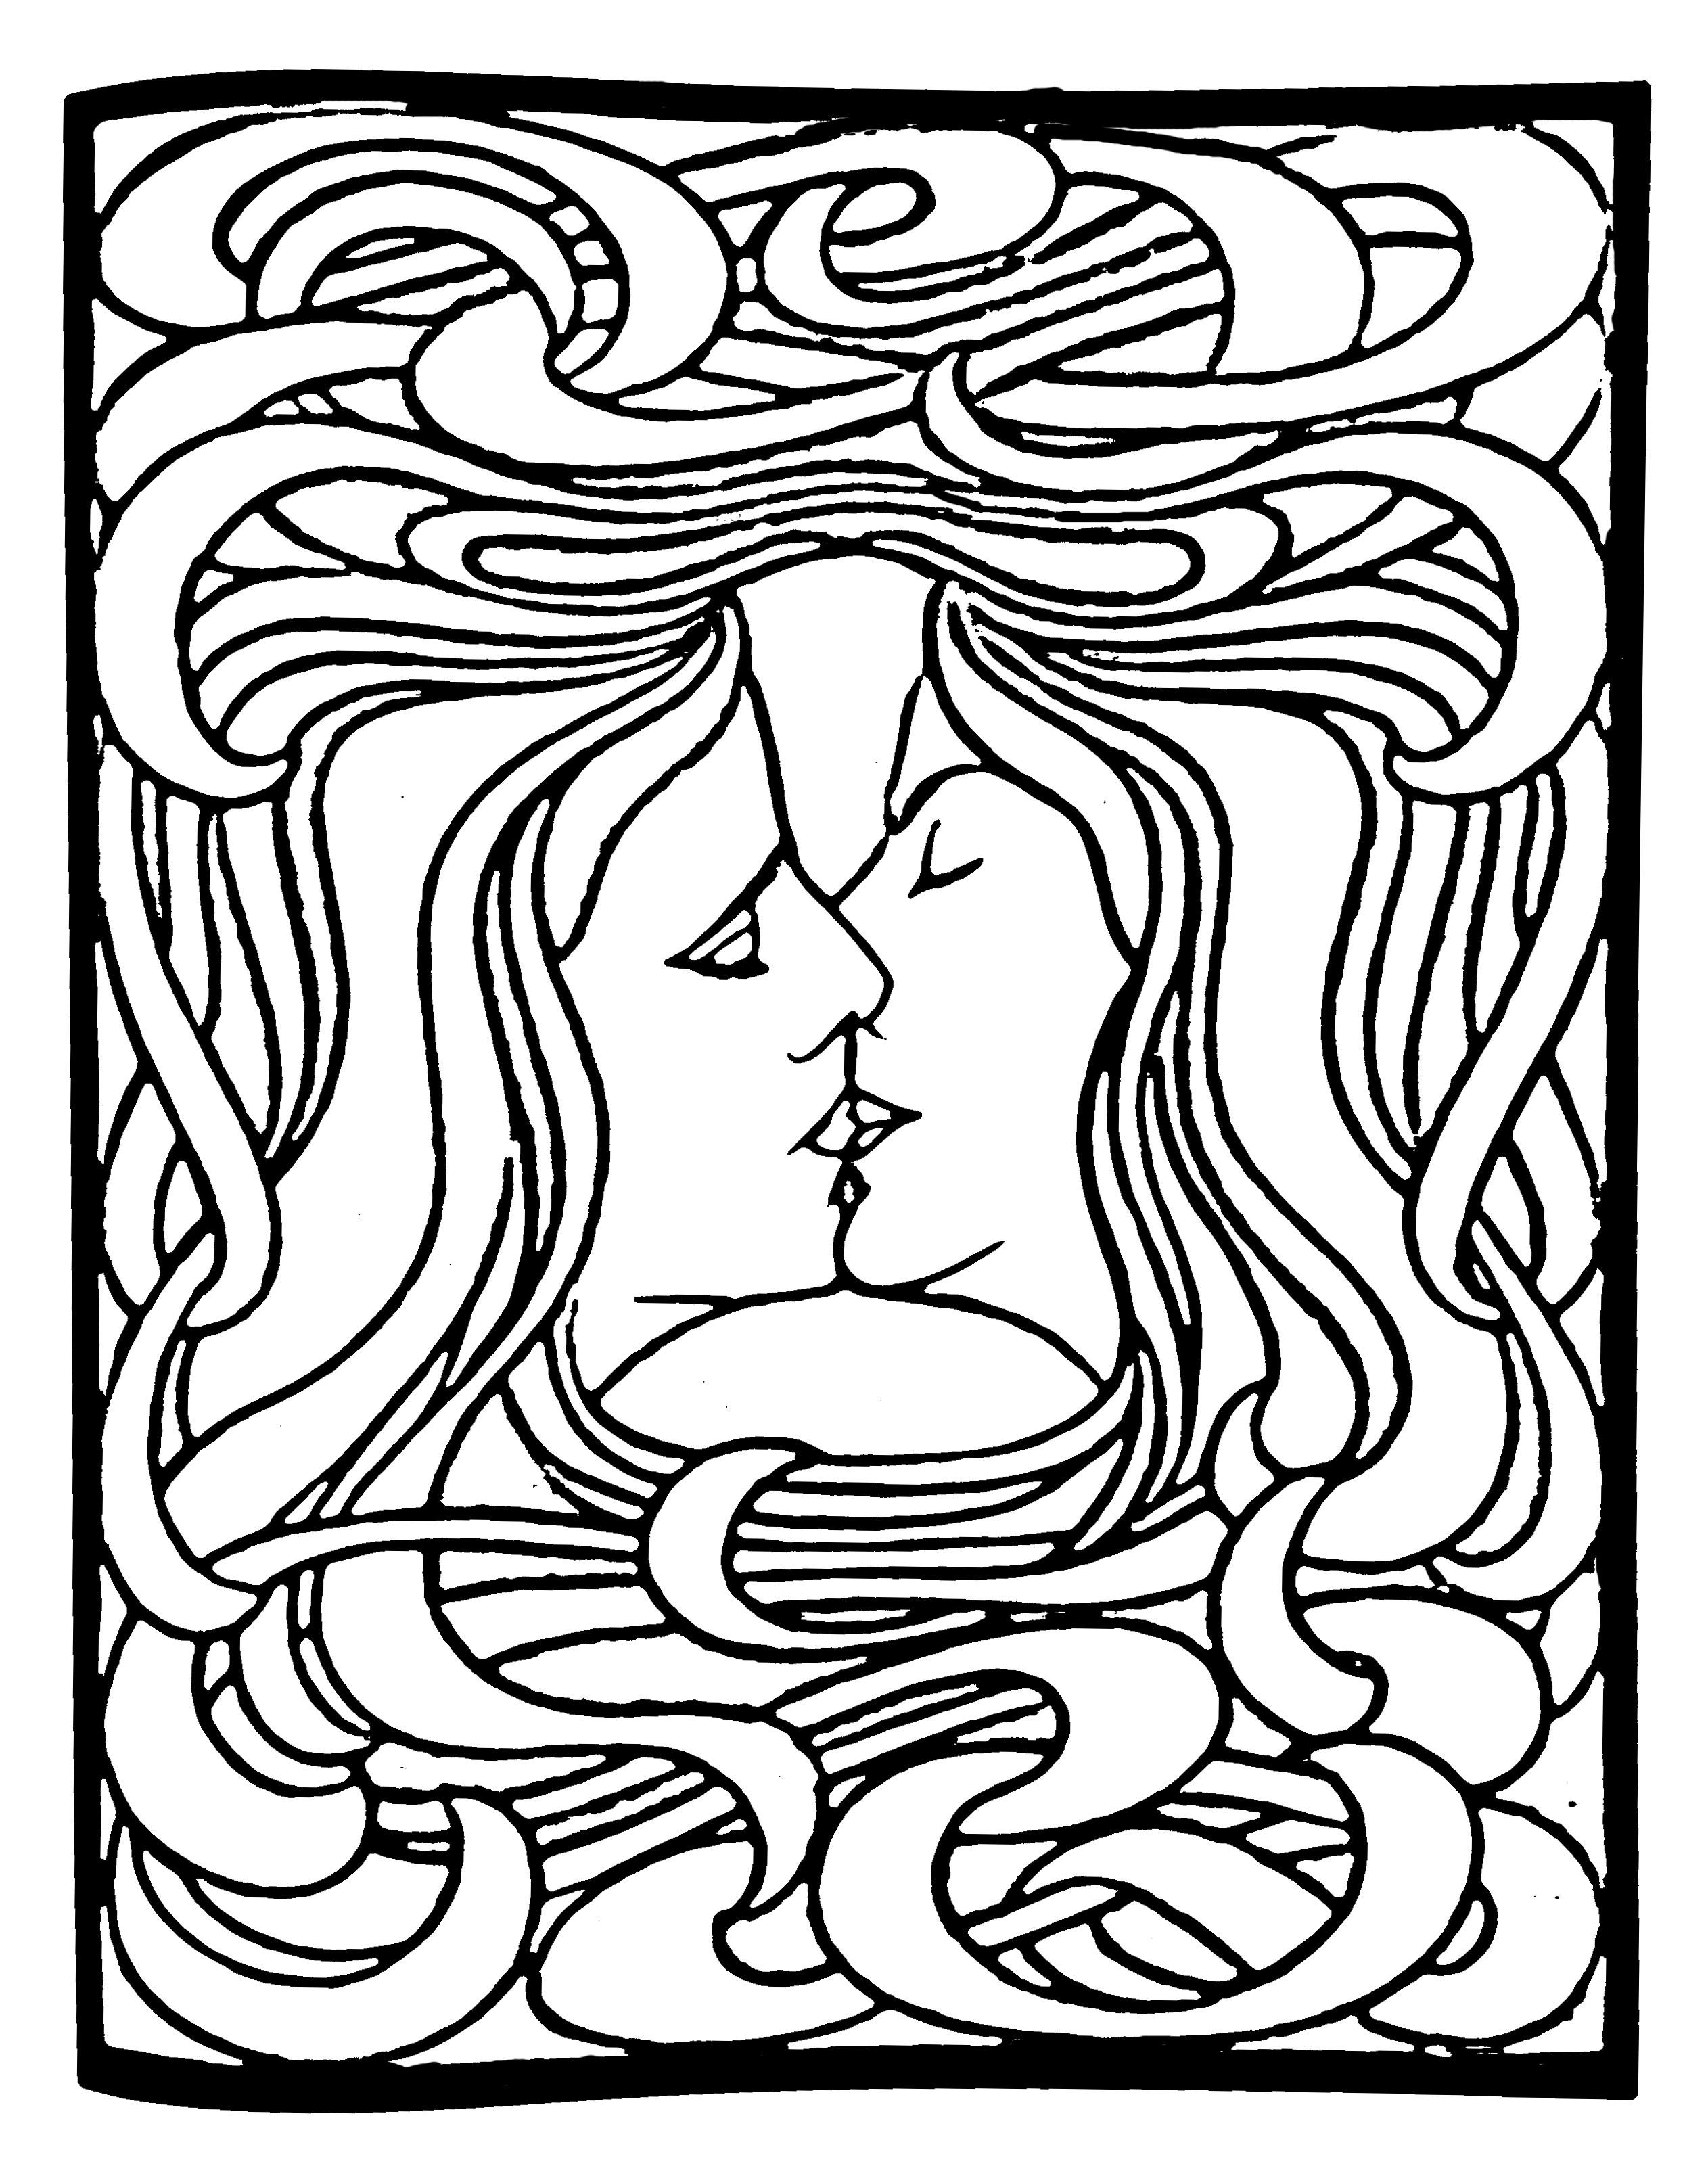 Disegni da colorare per adulti : Art nouveau - 21